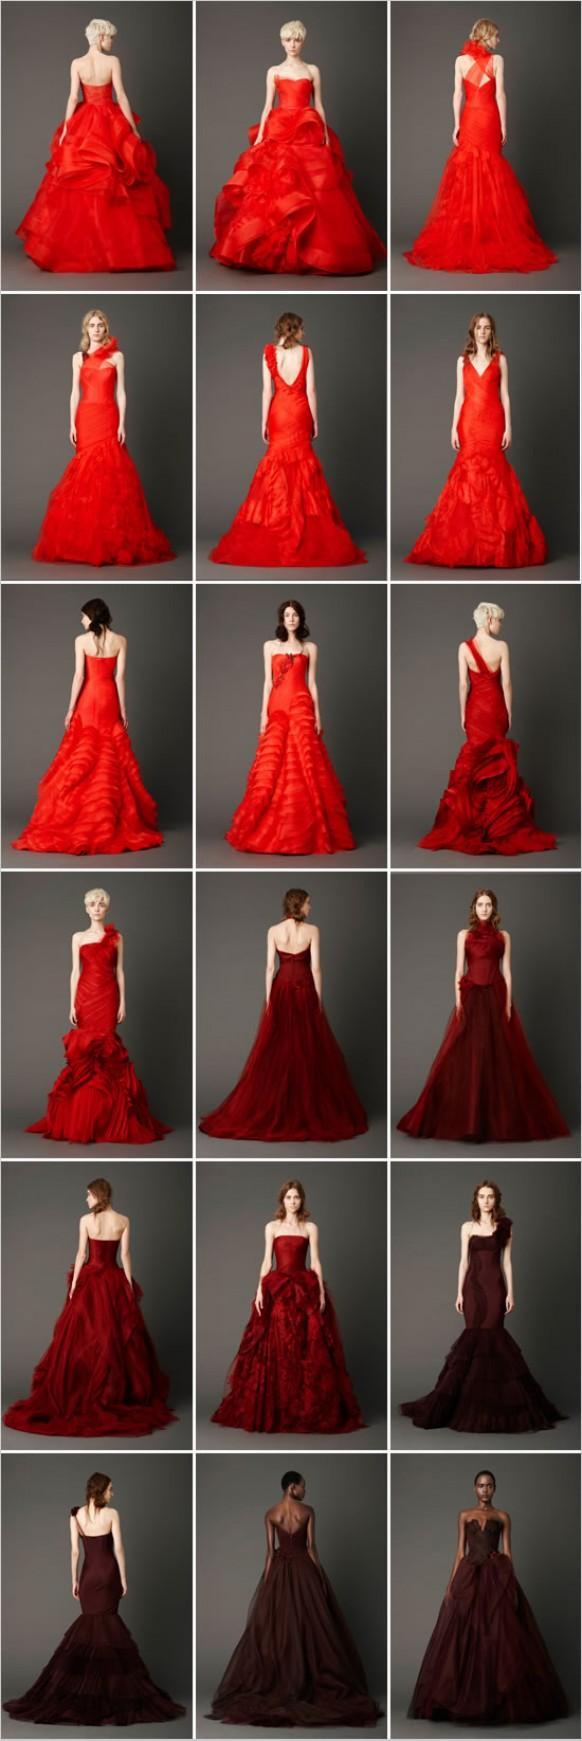 Telas rojas para vestidos